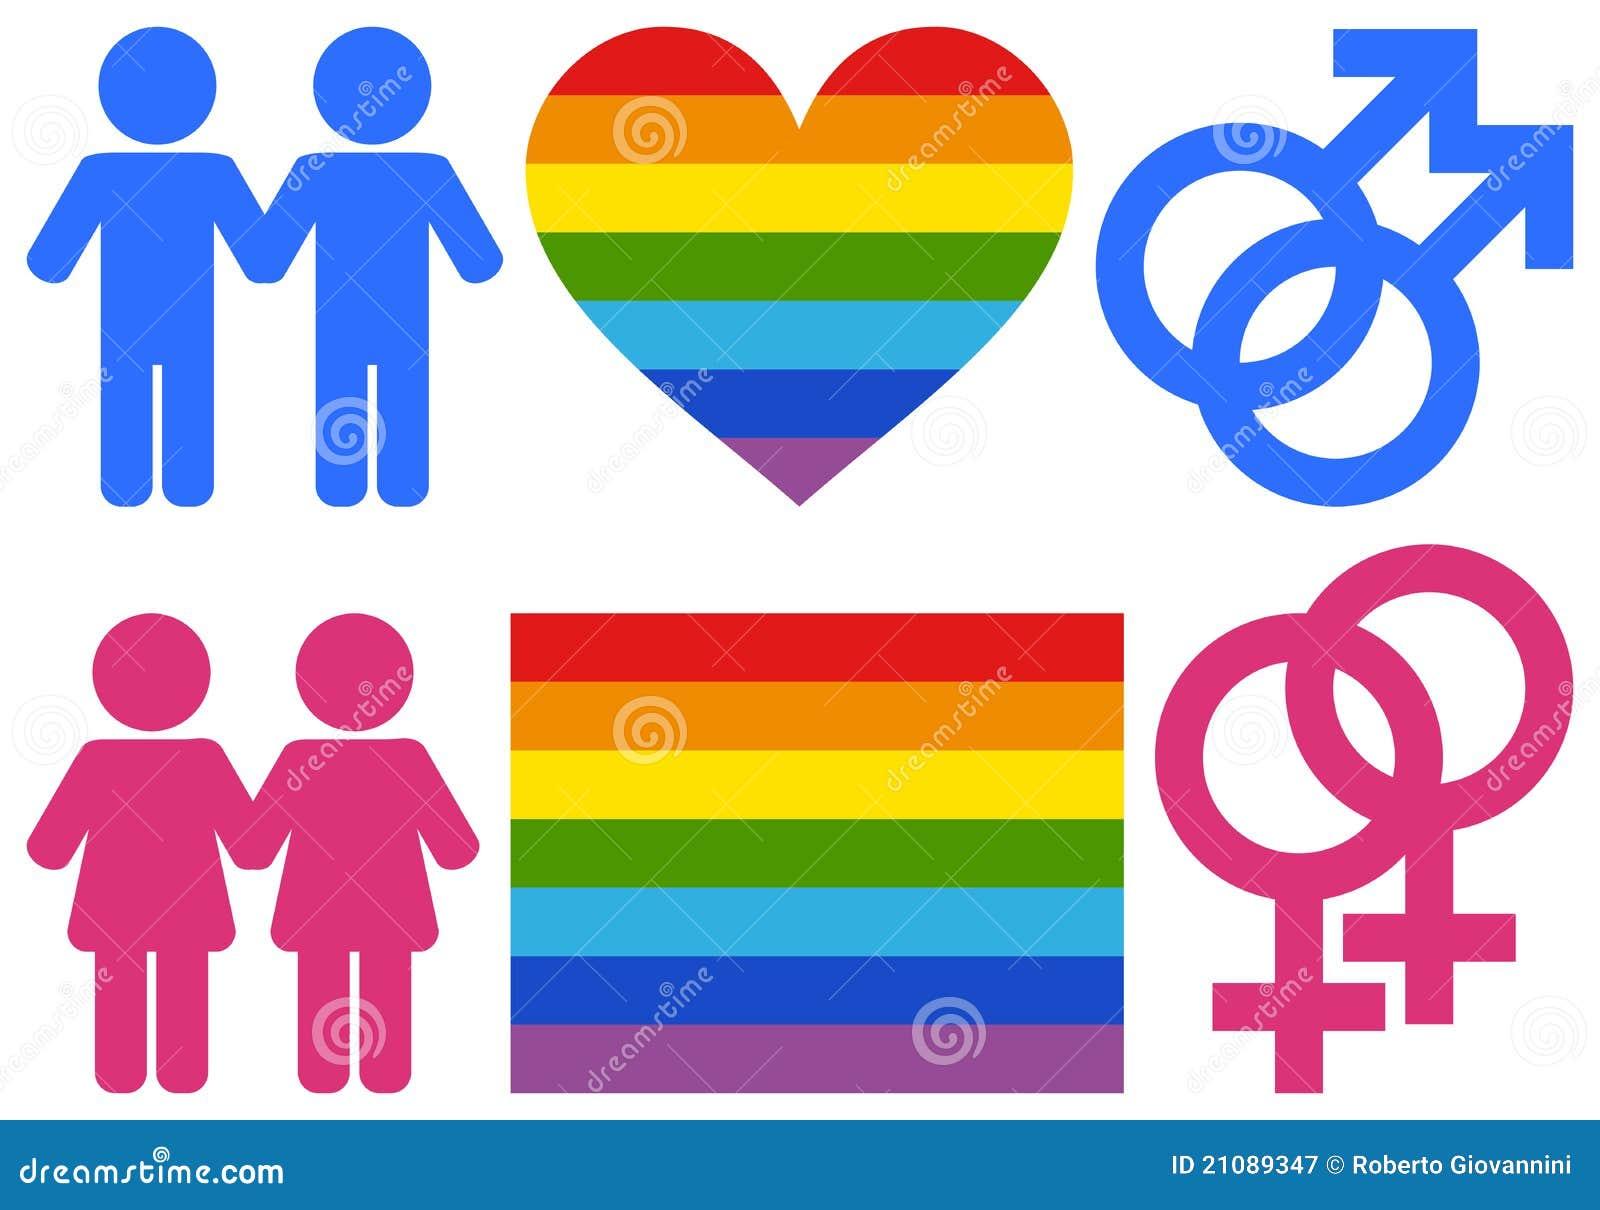 4 lesben homosexuelle boys